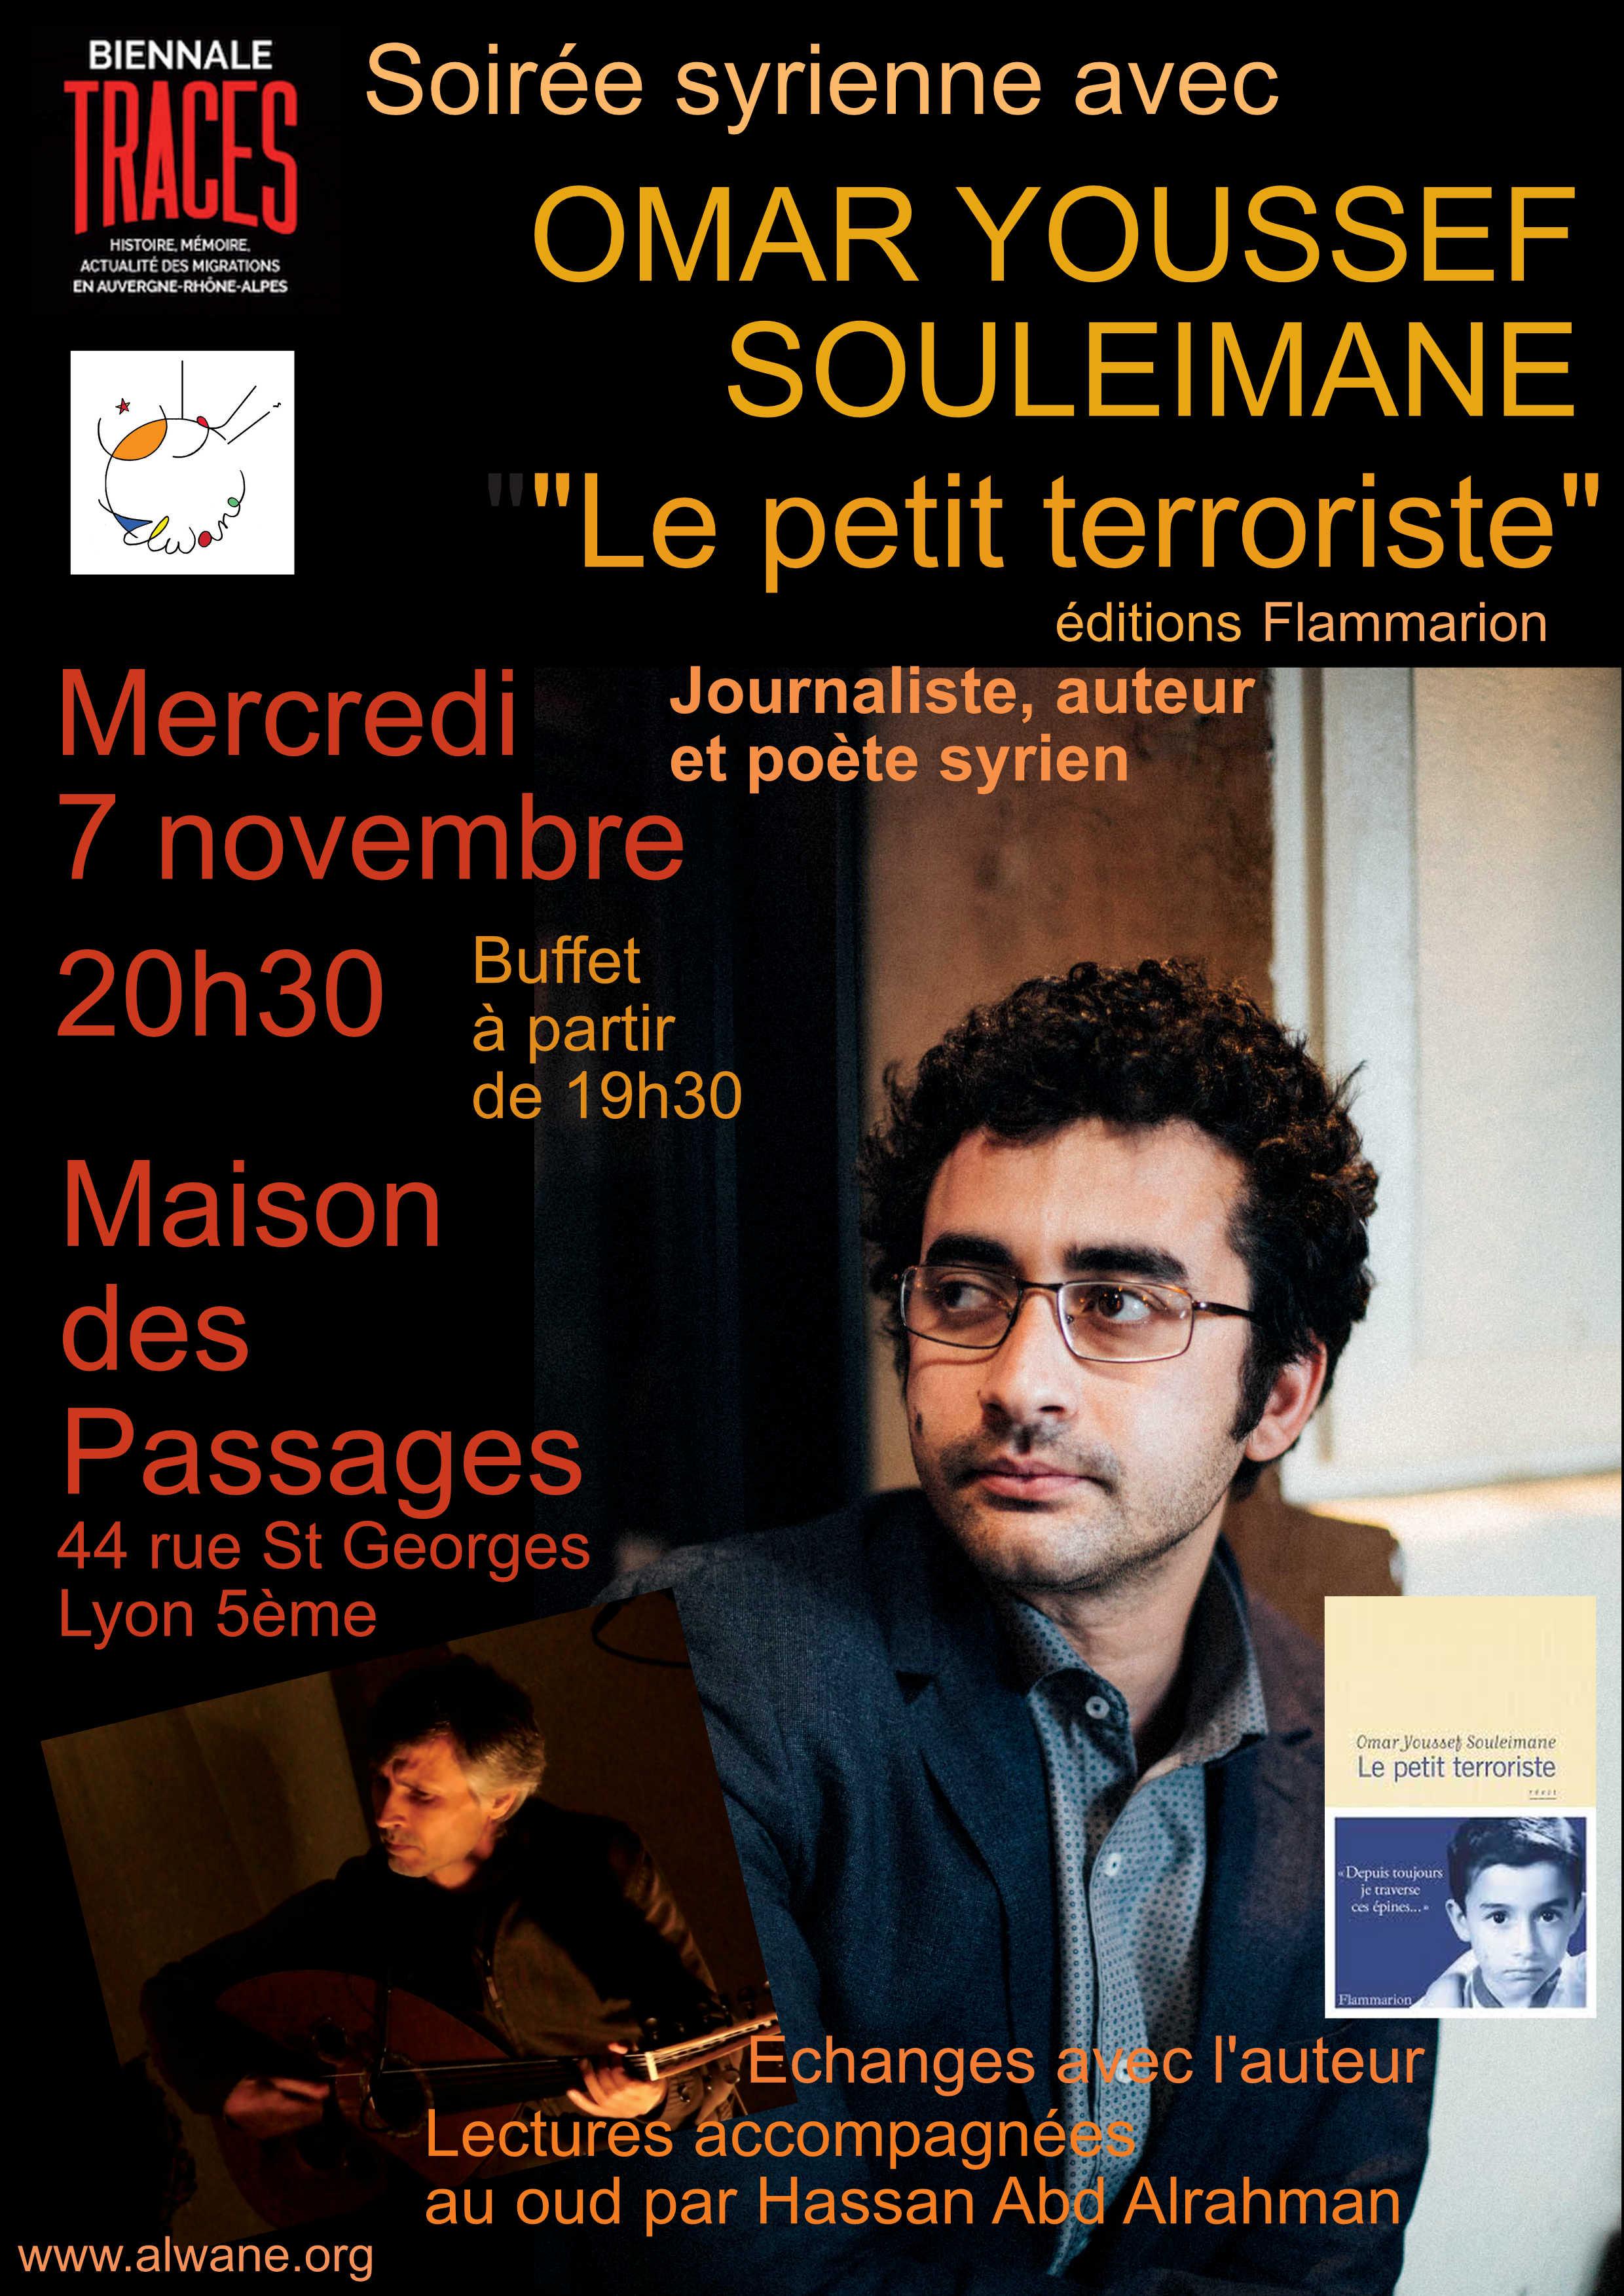 Une soirée avec Omar Youssef Souleimane, journaliste, auteur et poète syrien